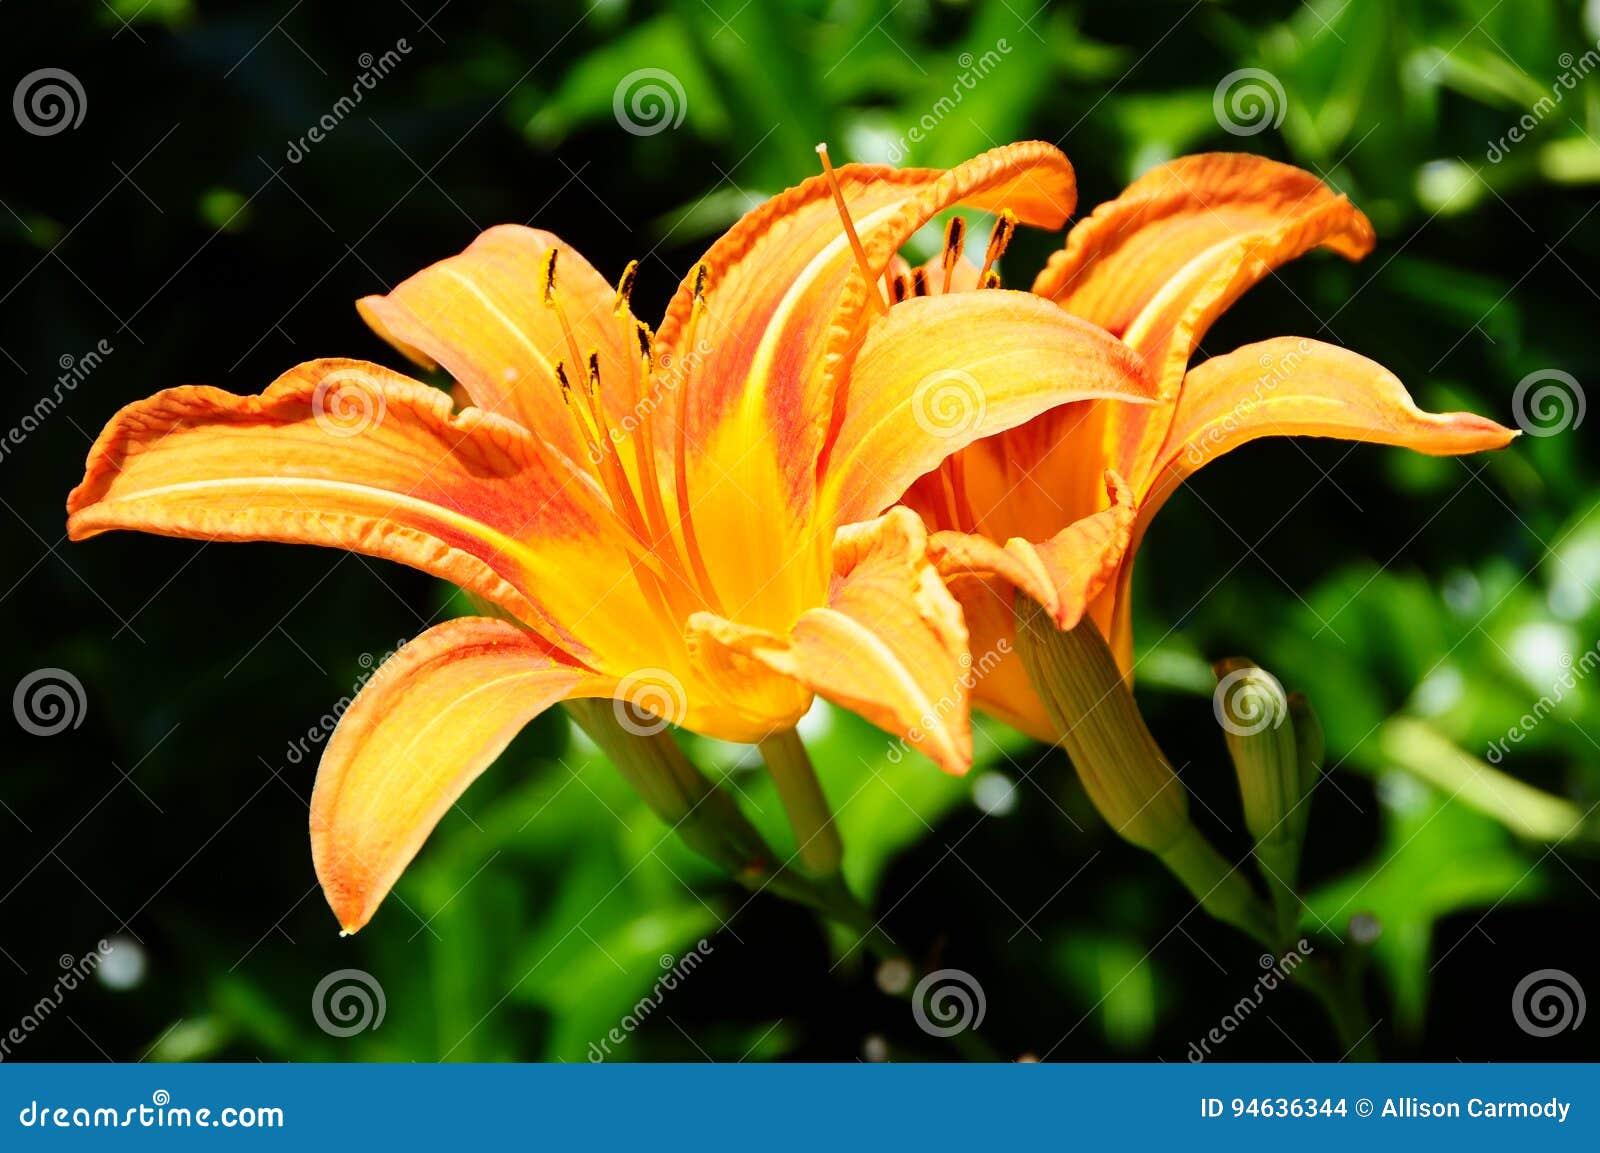 Día anaranjado Lily In Backyard Garden